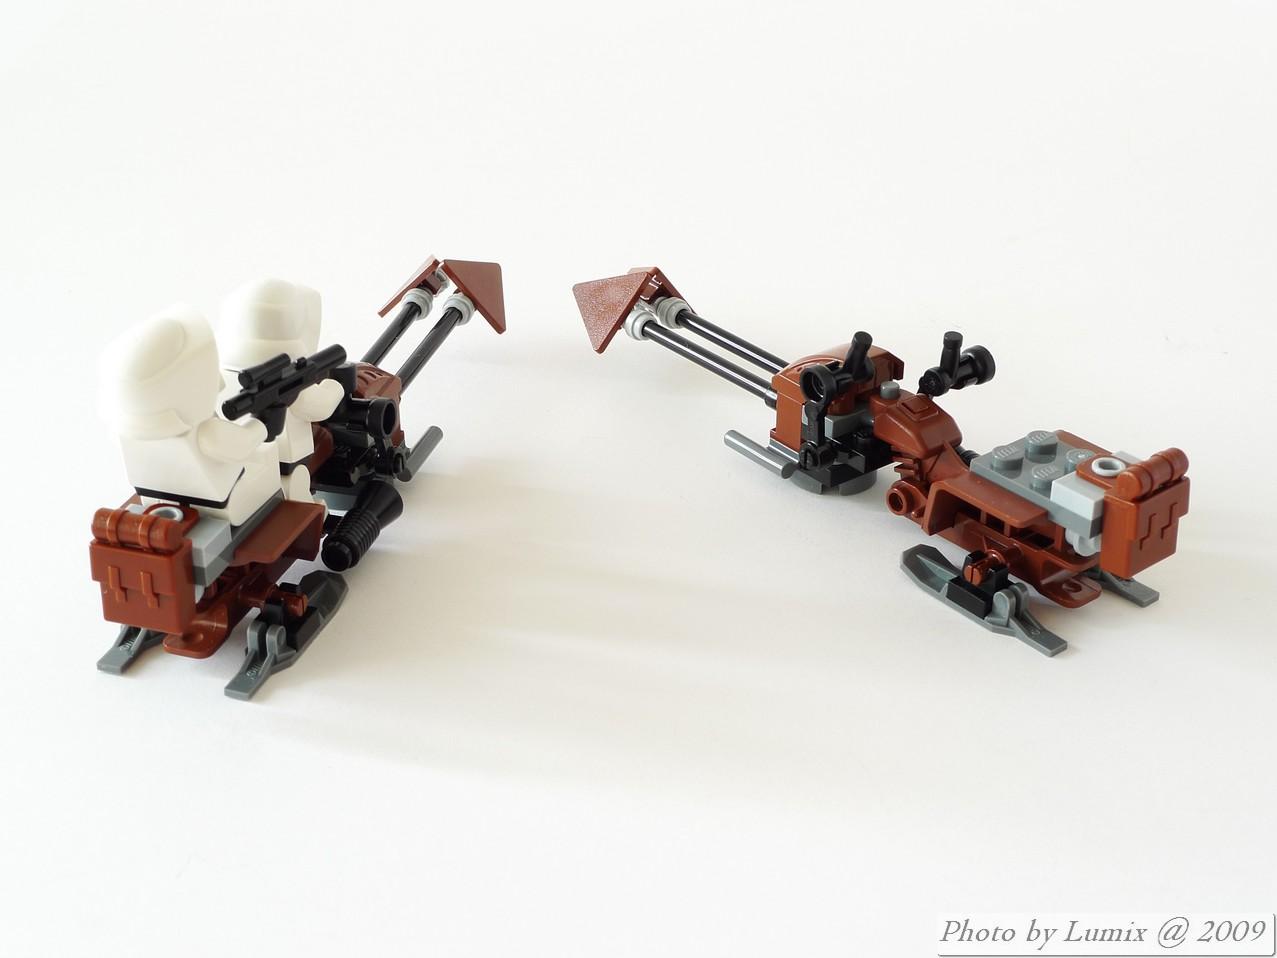 La batalla de Endor star wars lego (megapost)